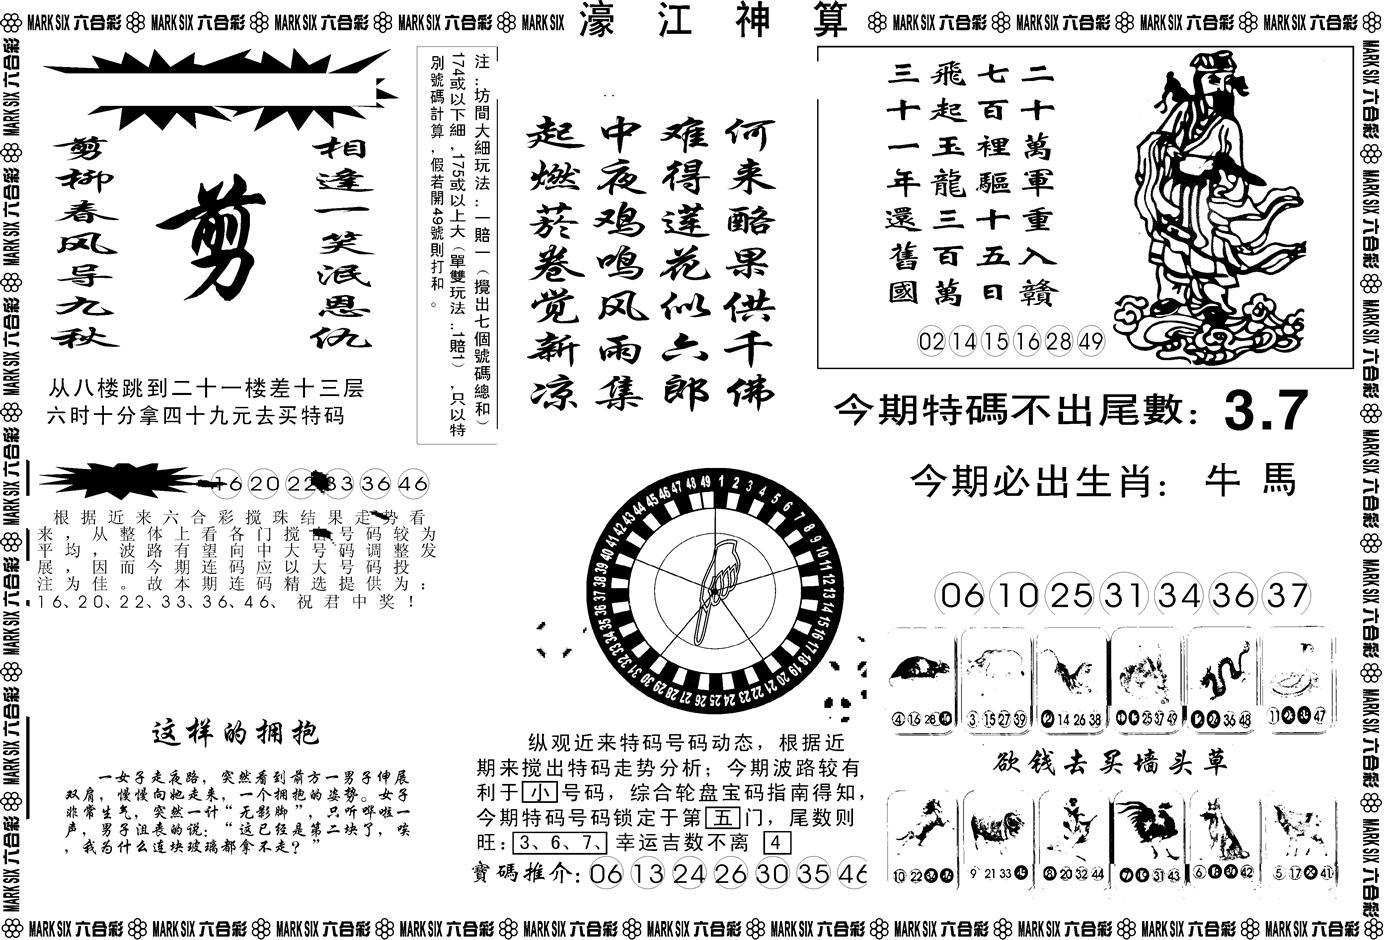 067期另版濠江神算B(黑白)